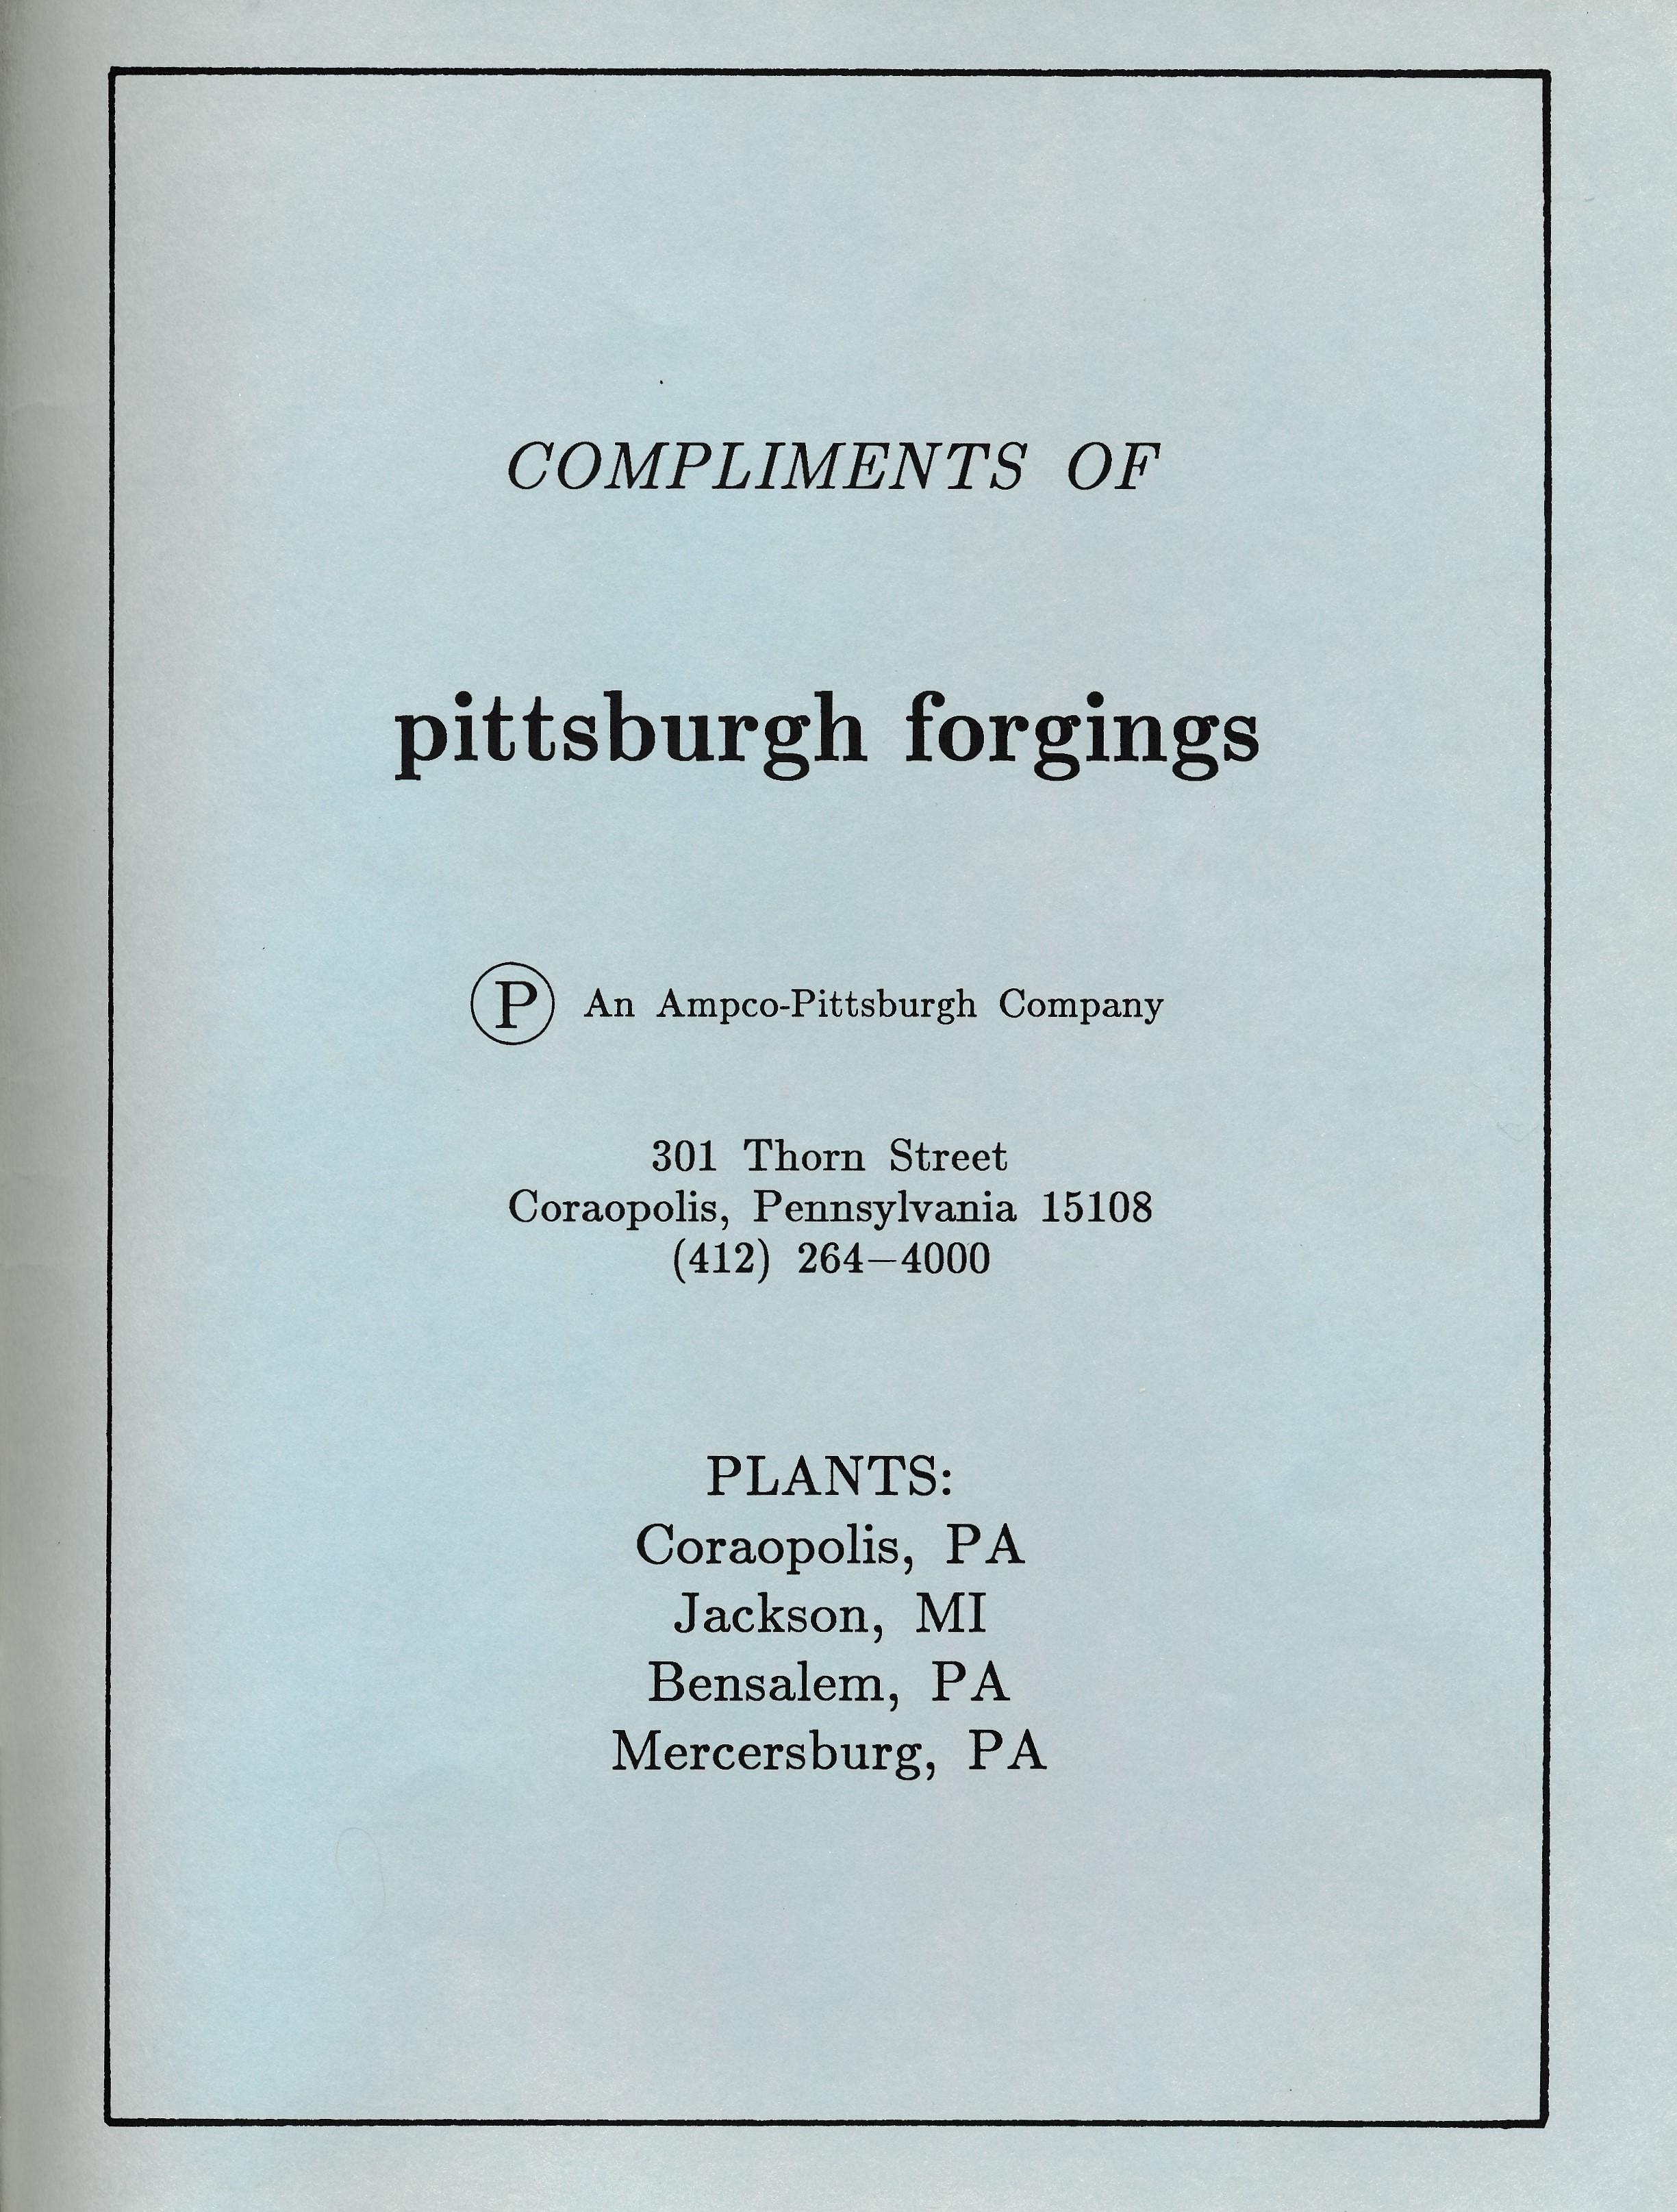 Coraopolis Centennial Booklet (63).jpg